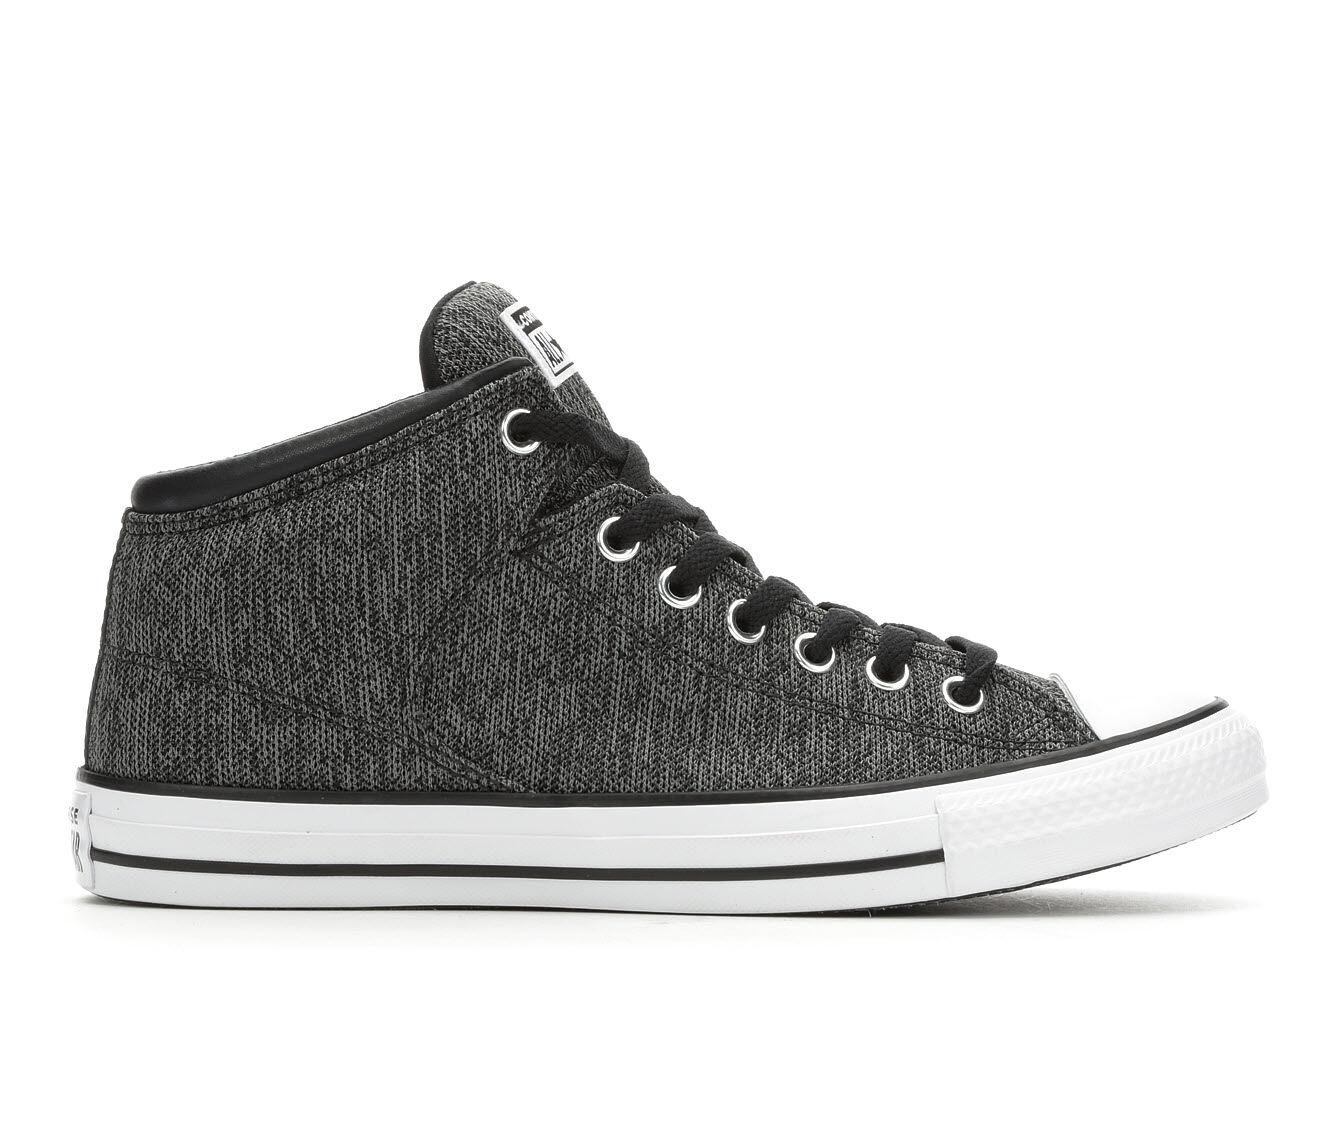 Men's Converse CTAS Hi St Varsity Sneakers Black/Mason/Wht